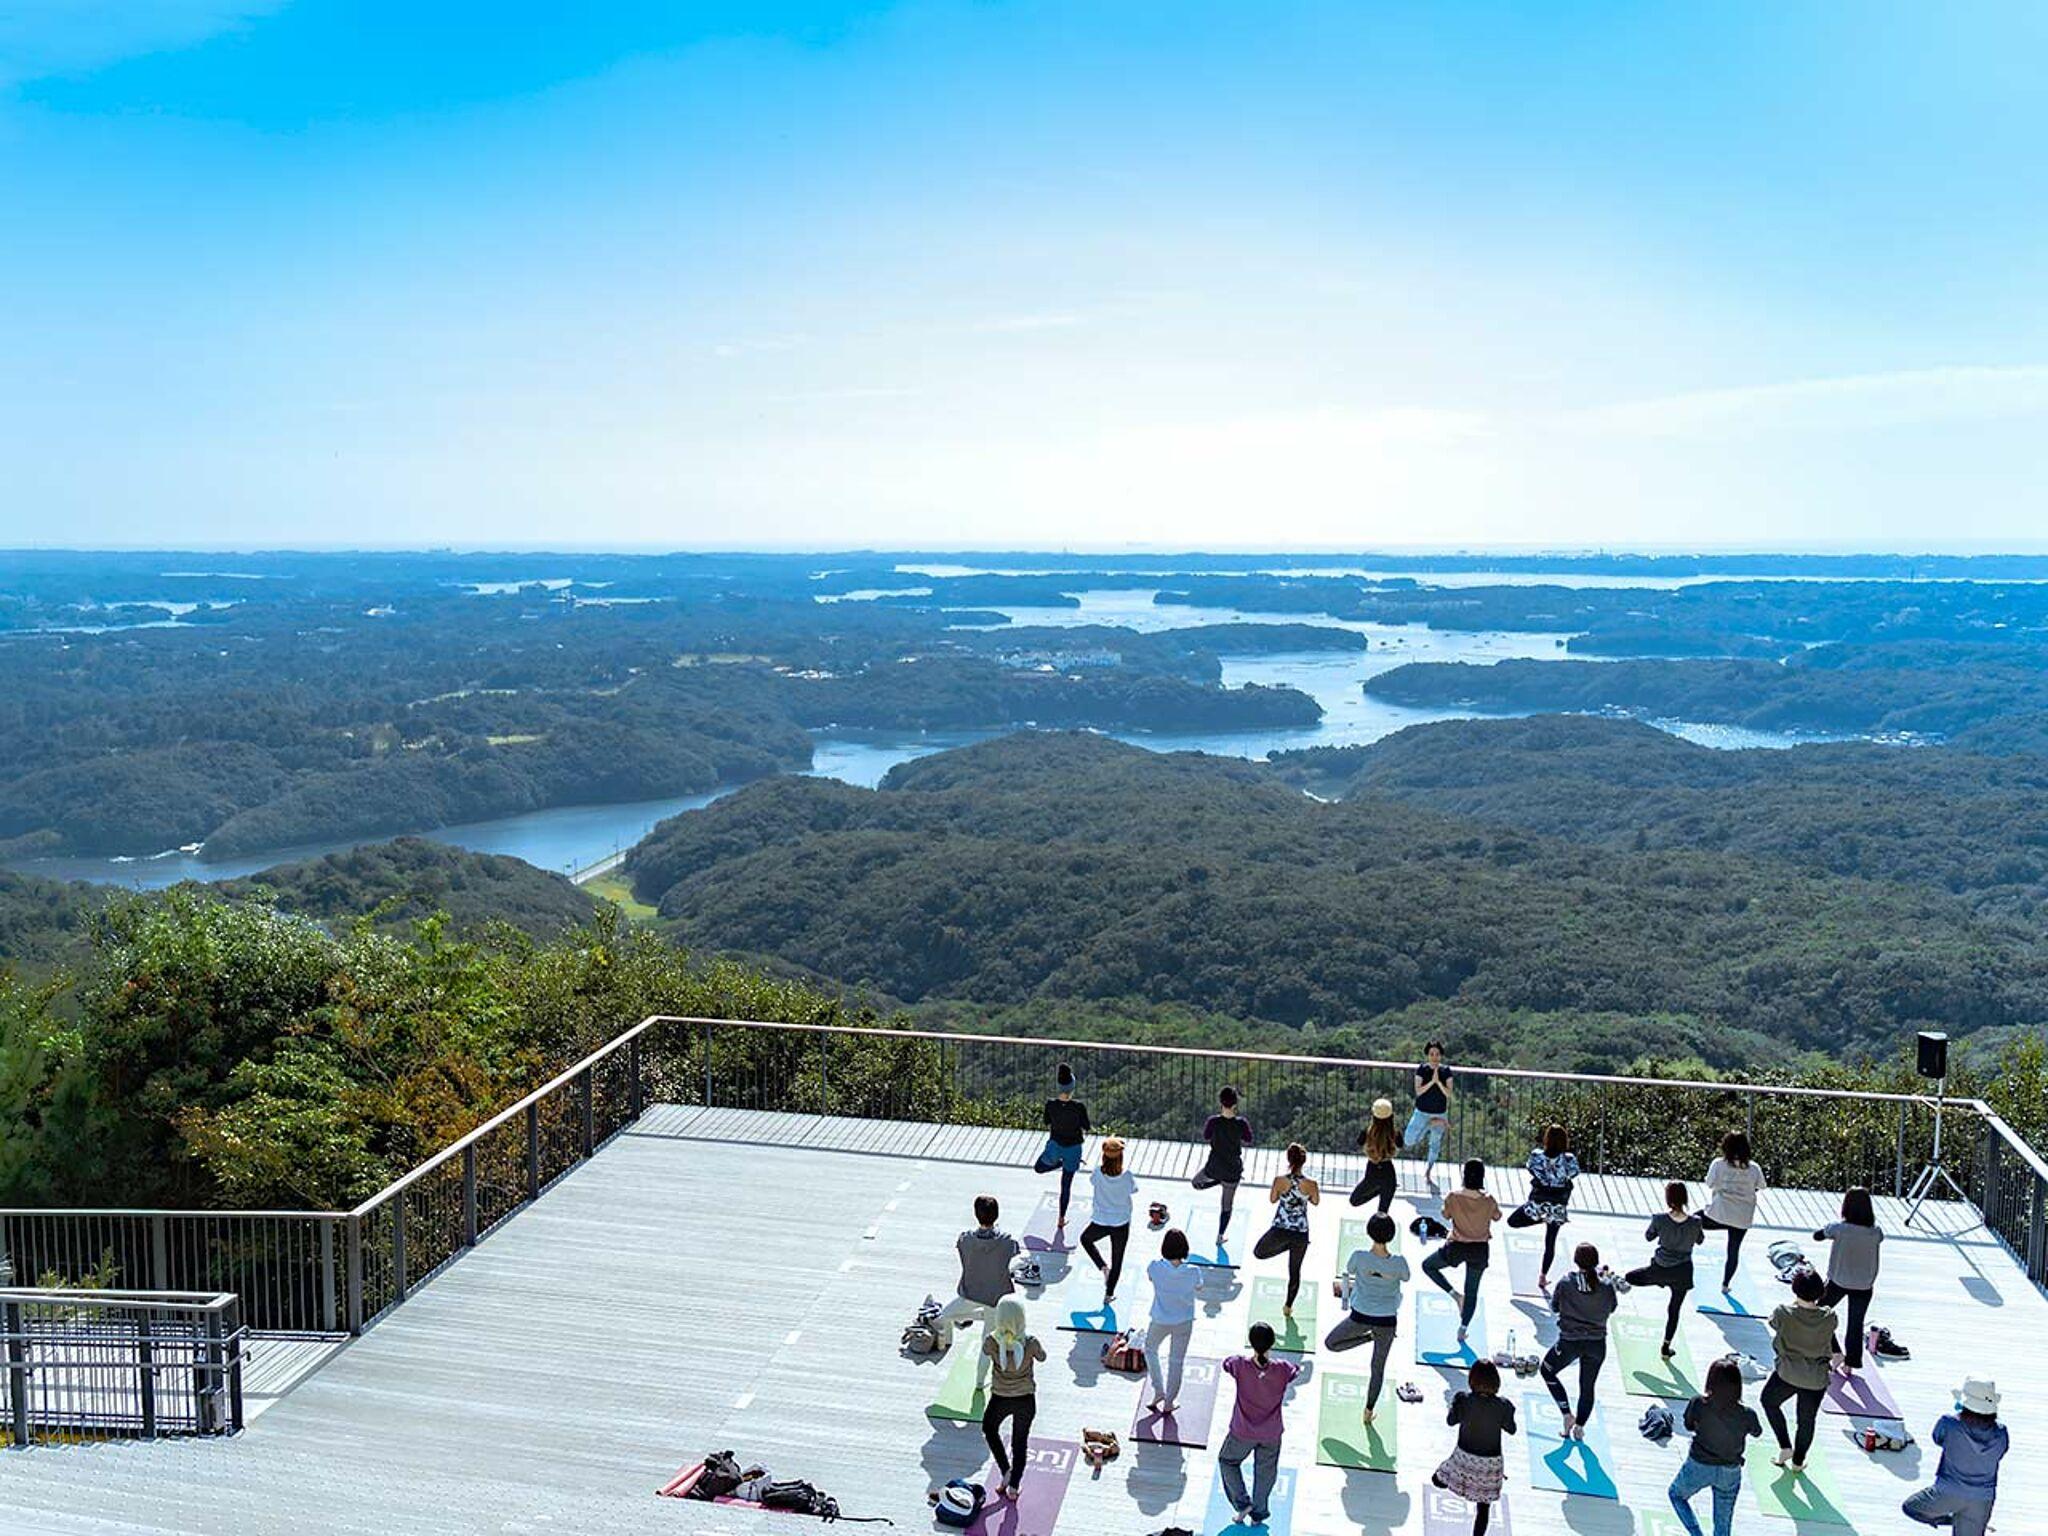 横山展望台から見た景色の画像